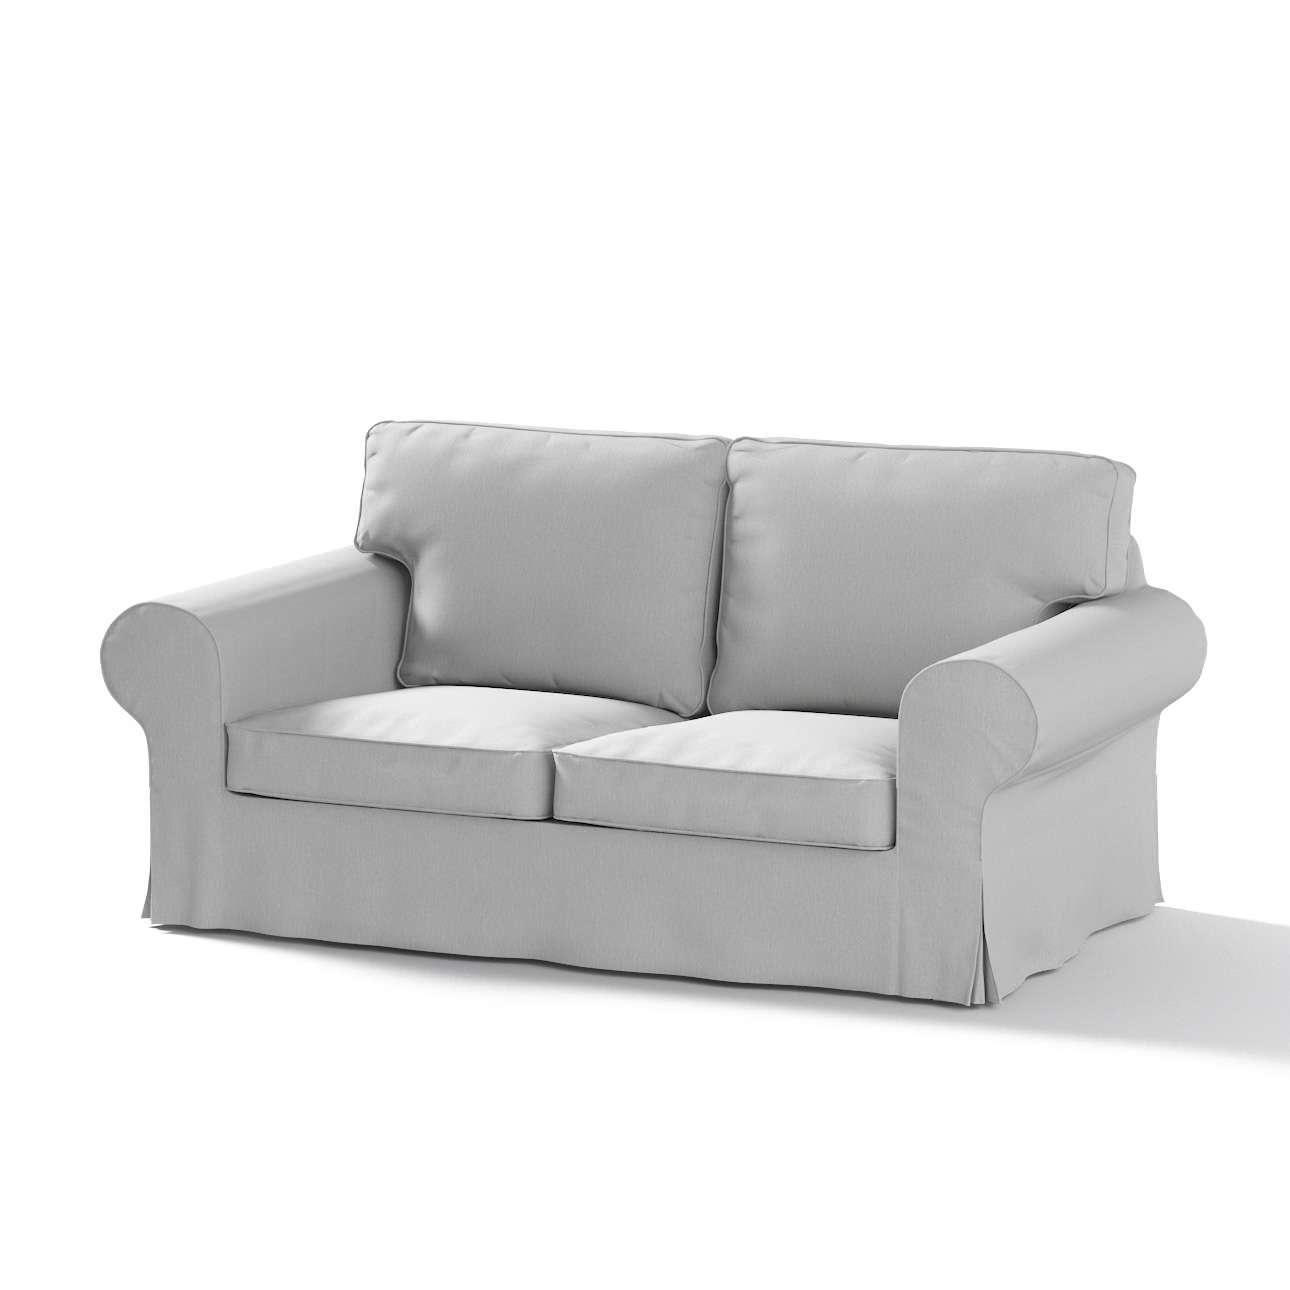 Ektorp dvivietės sofos su lova užvalkalas (naujas modelis nuo 2012 m) Ektorp dvivietės sofos-lovos užvalkalas (modelis nuo 2012 m) kolekcijoje Chenille, audinys: 702-23